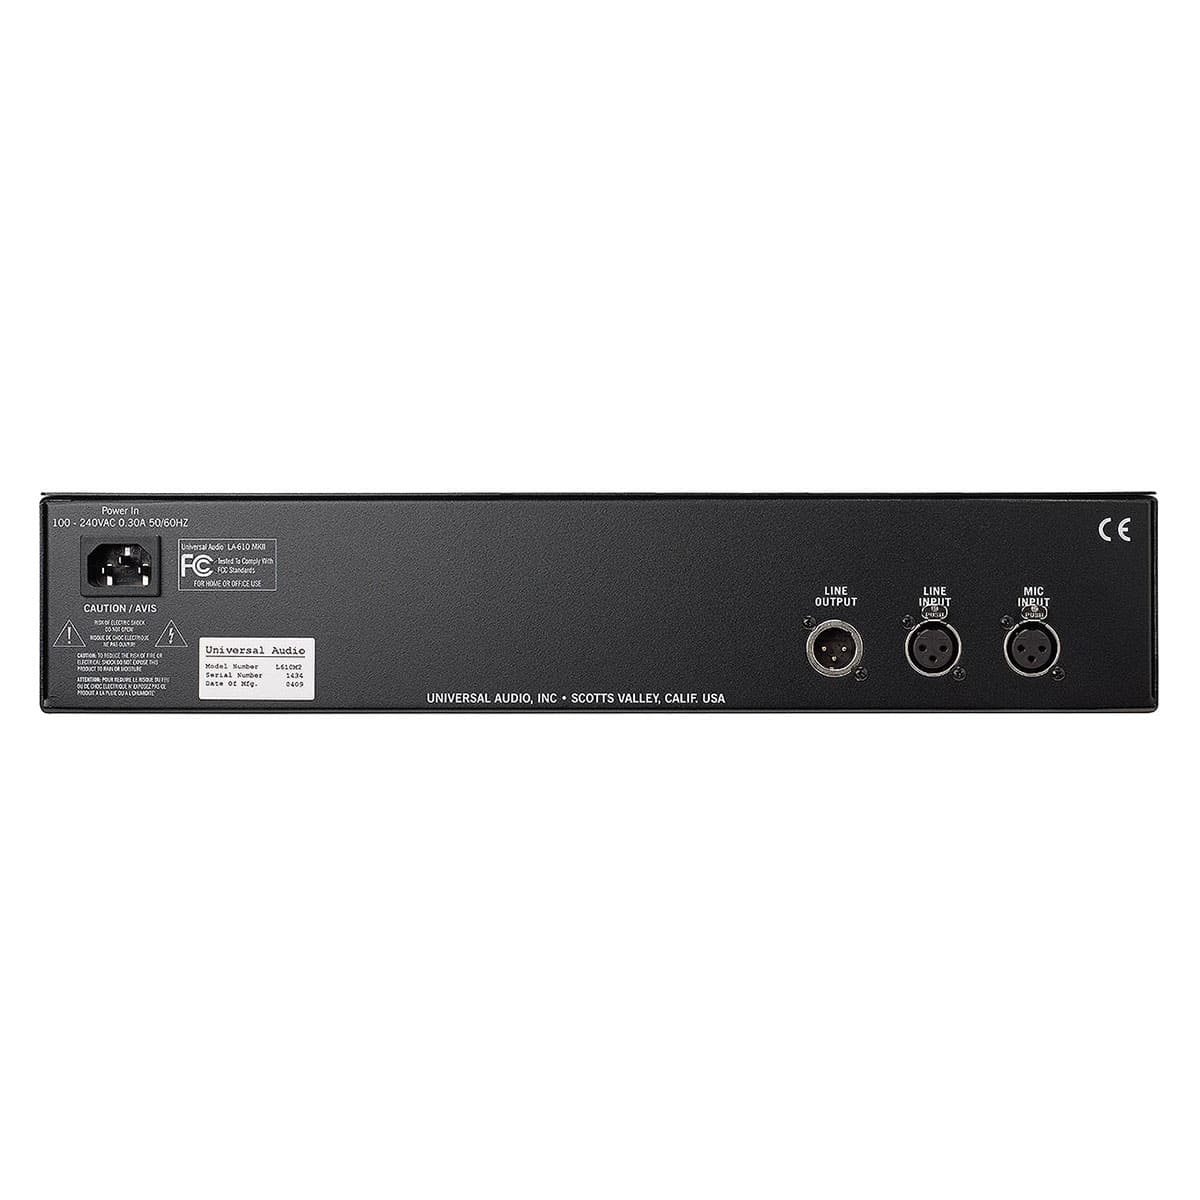 Universal Audio LA 610 mkii channel strip 02 Pro Audio, Outboard, Preamplificatori Microfonici, Channel Strip